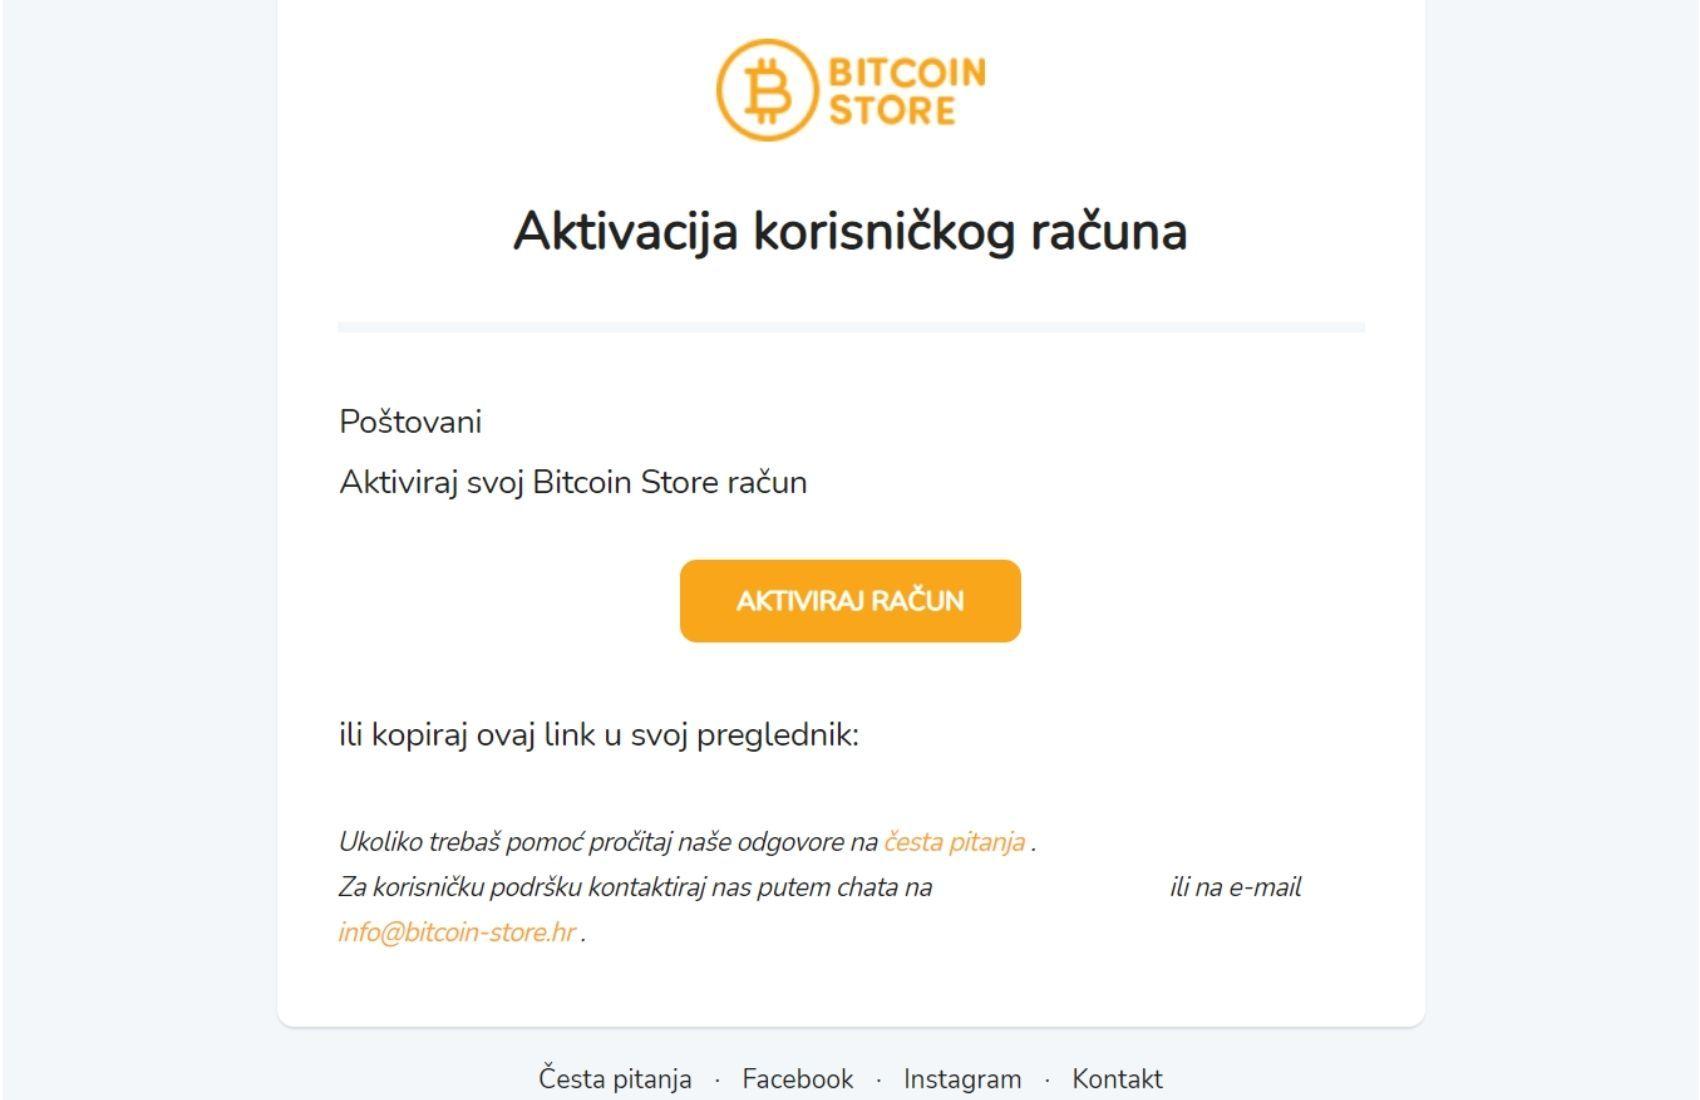 Email potvrda za aktivaciju korisničkog računa na Bitcoin Store platformi.